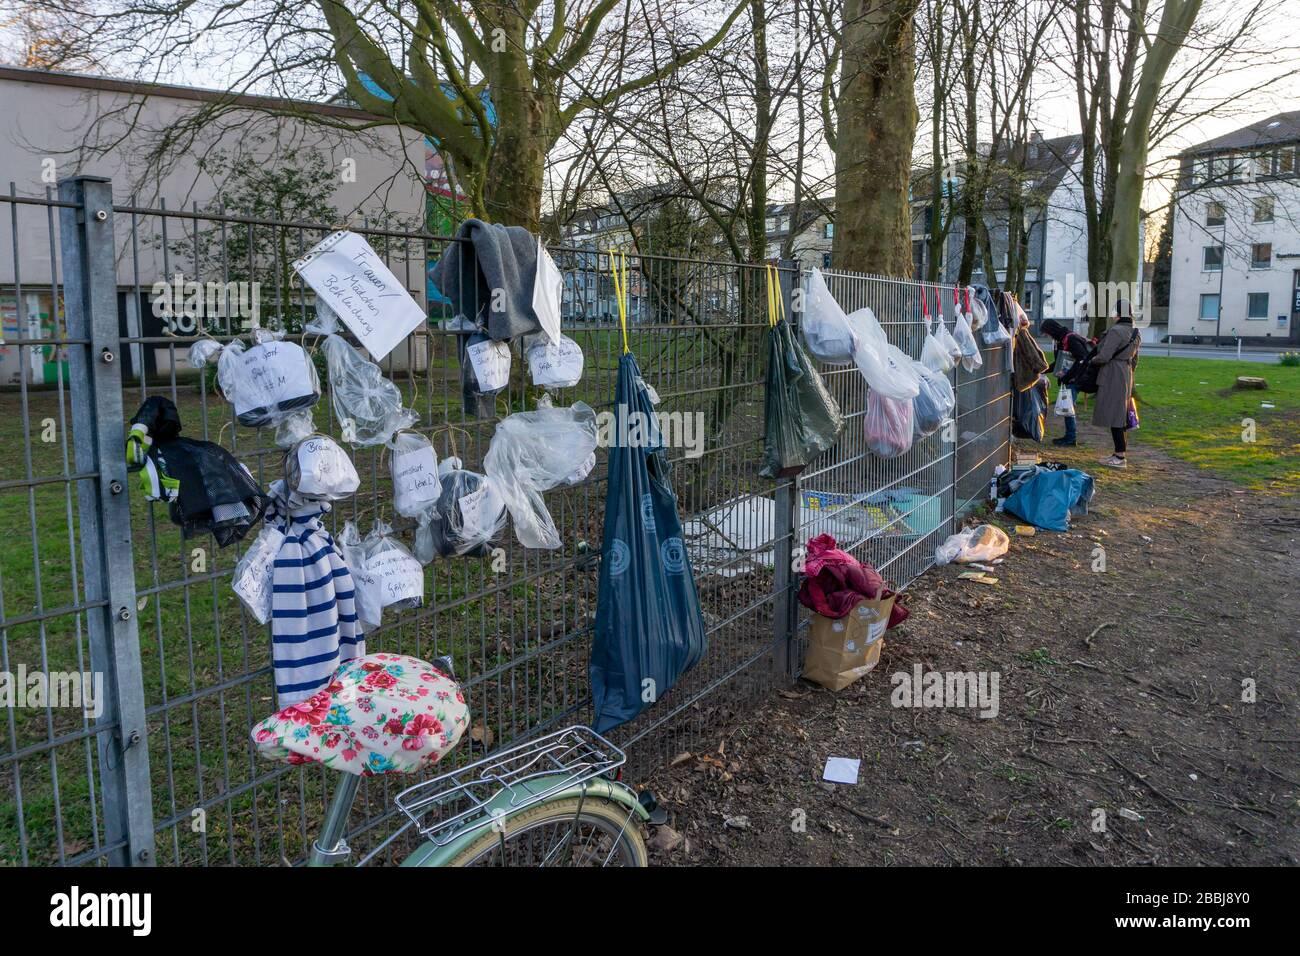 Gabenzaun mit Spenden für Obdachlose und Bedürftige, Lebensmittel, Hygieneartikel, Kleidung, in Essen Rüttenscheid, Auswirkungen der Coronakrise in De Stock Photo